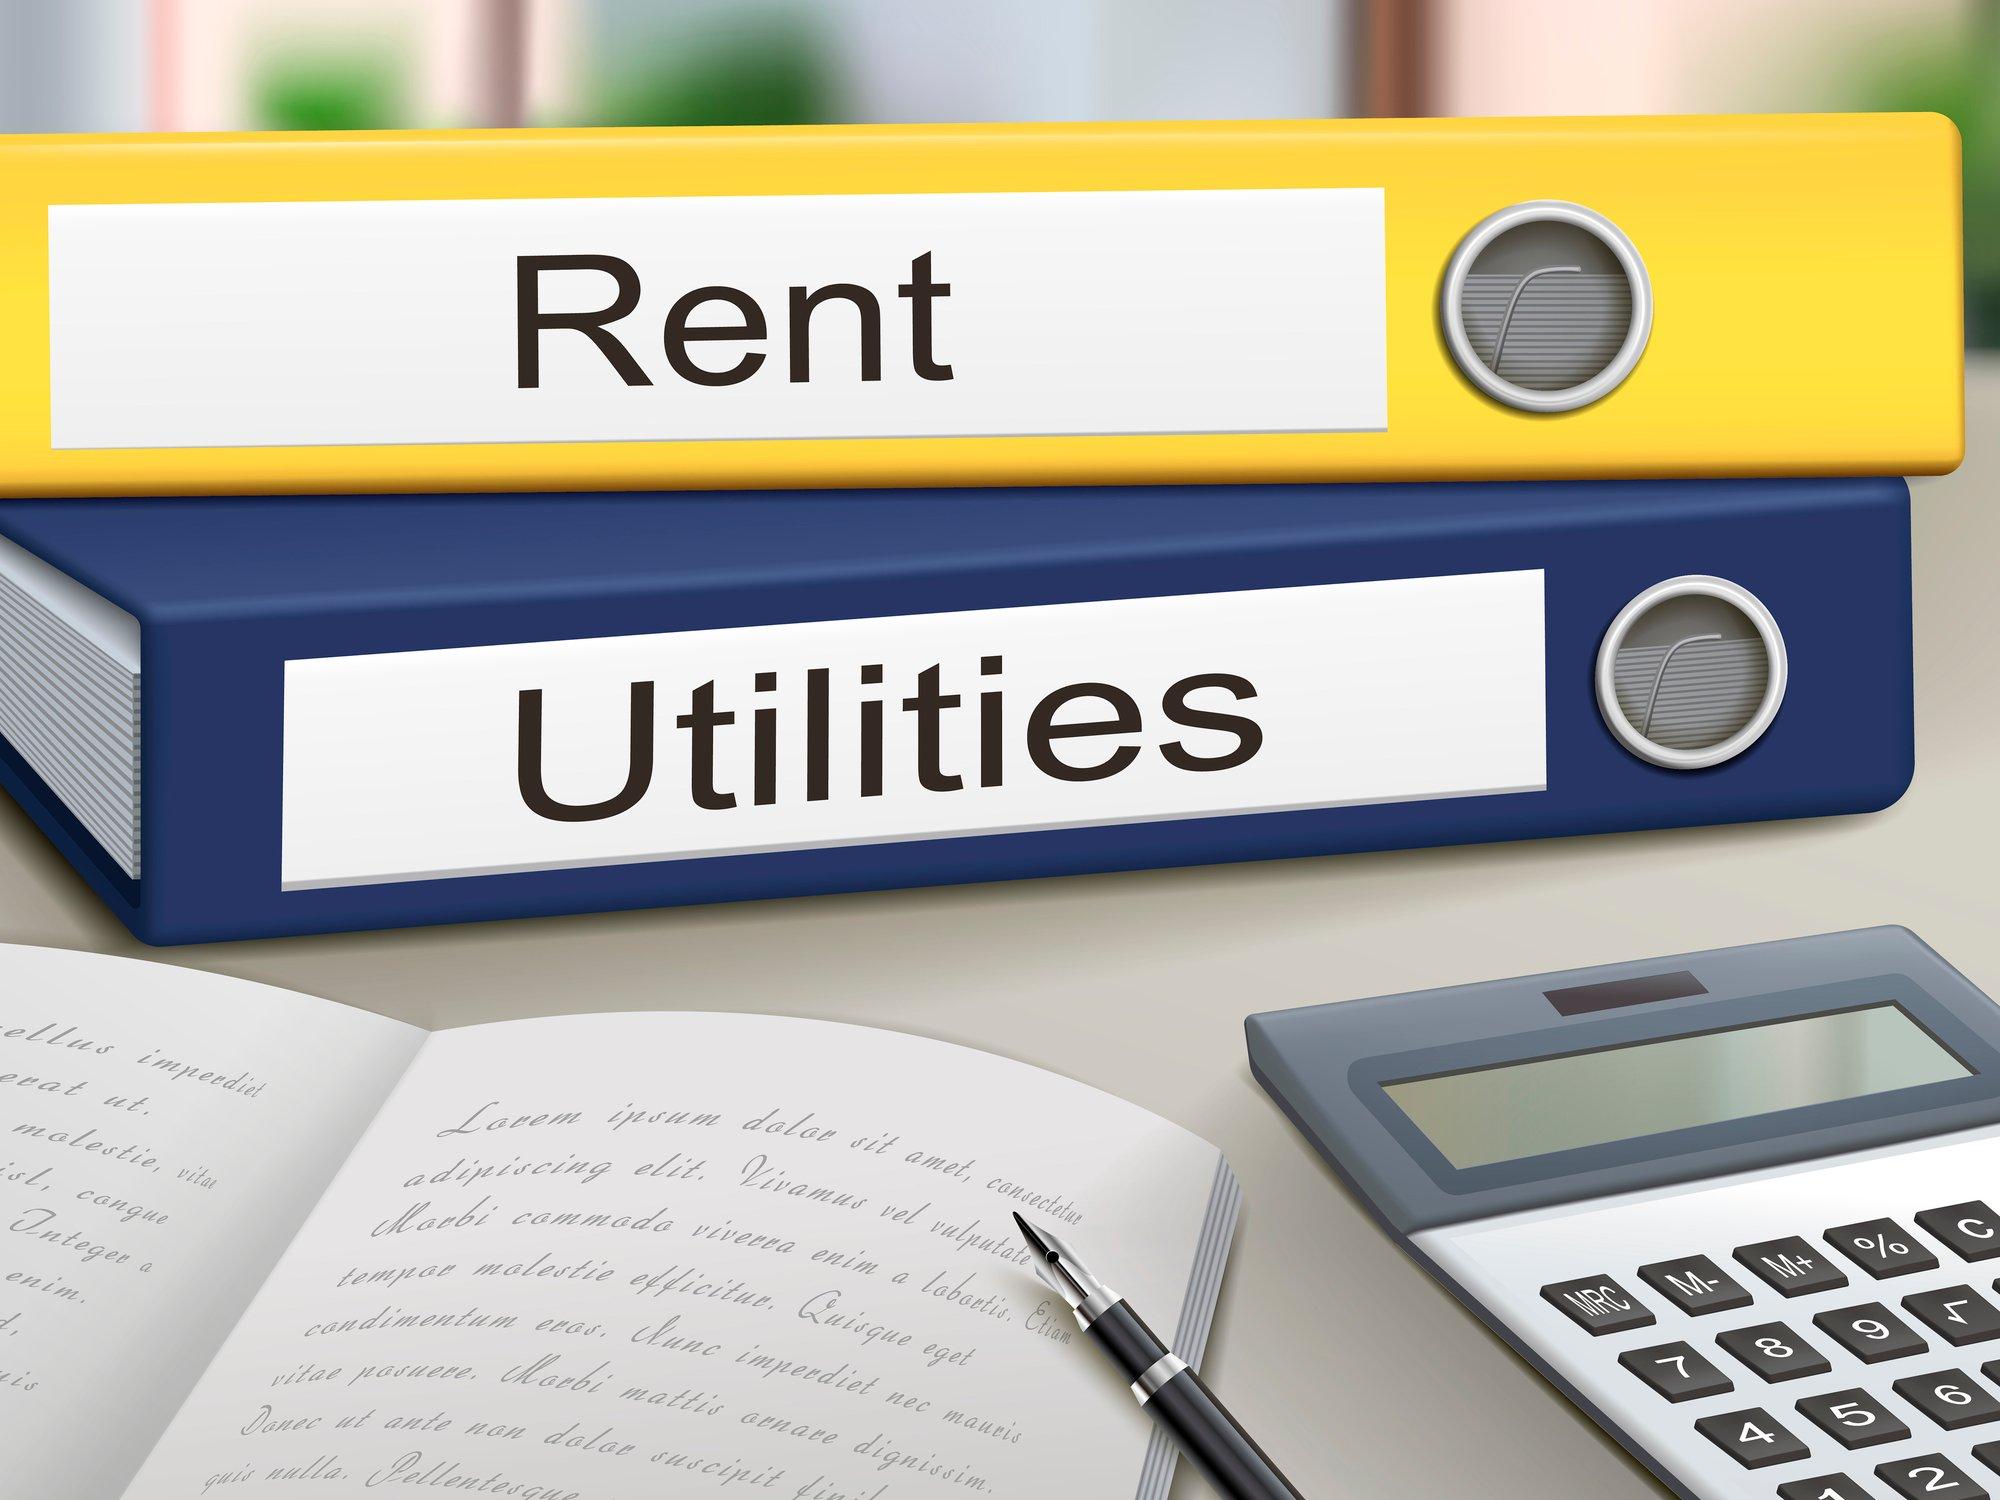 rent utilities on binder